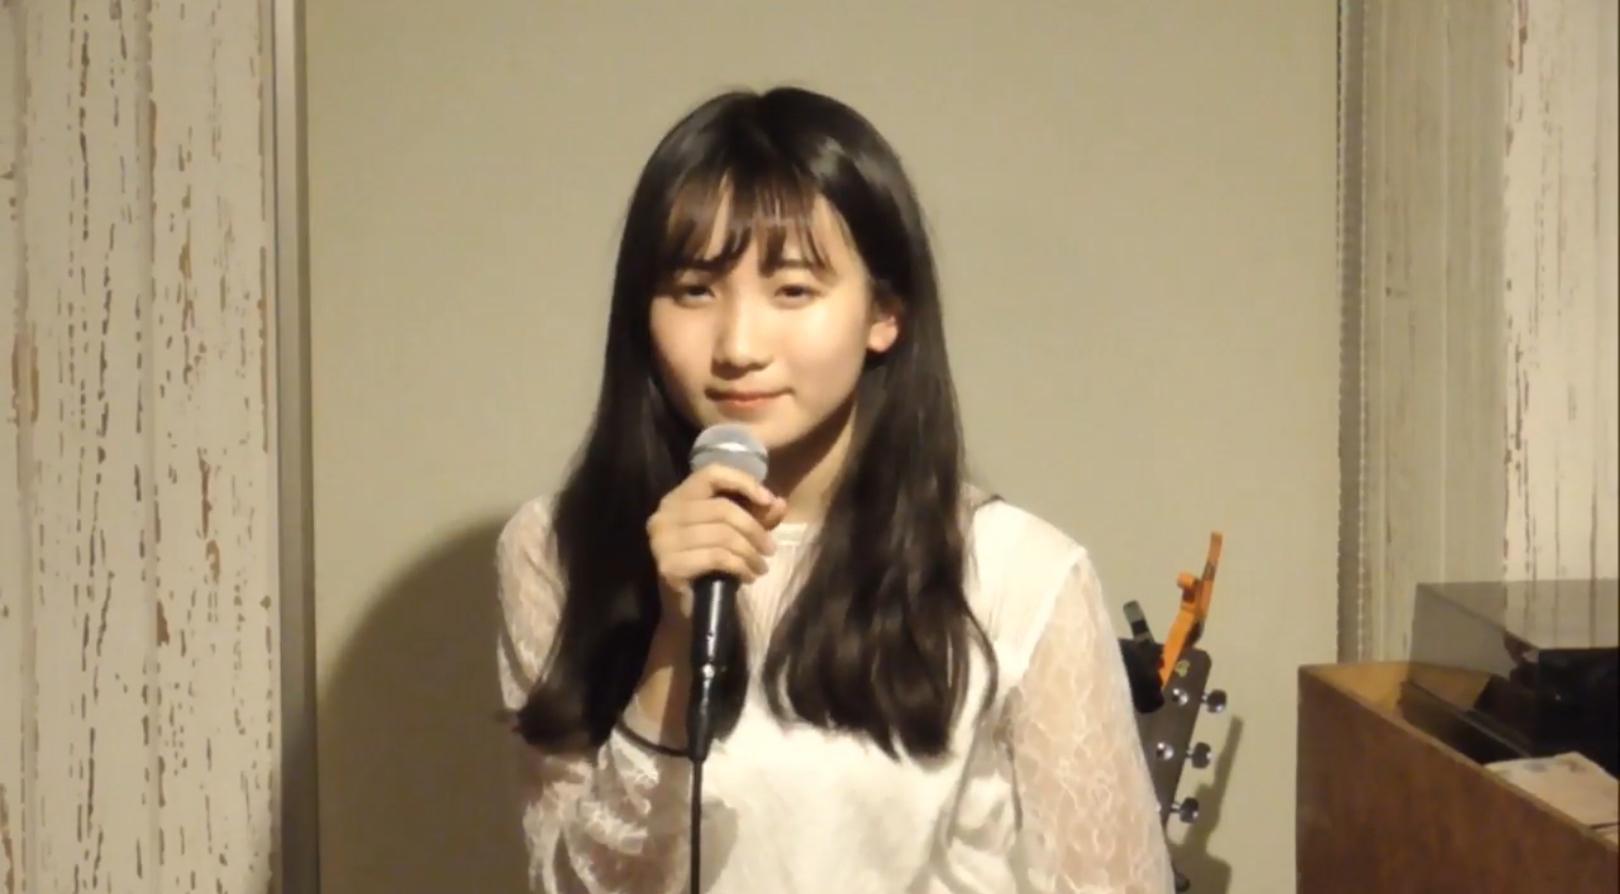 【画像】YOASOBIのボーカル女みたい顔好きなやつw